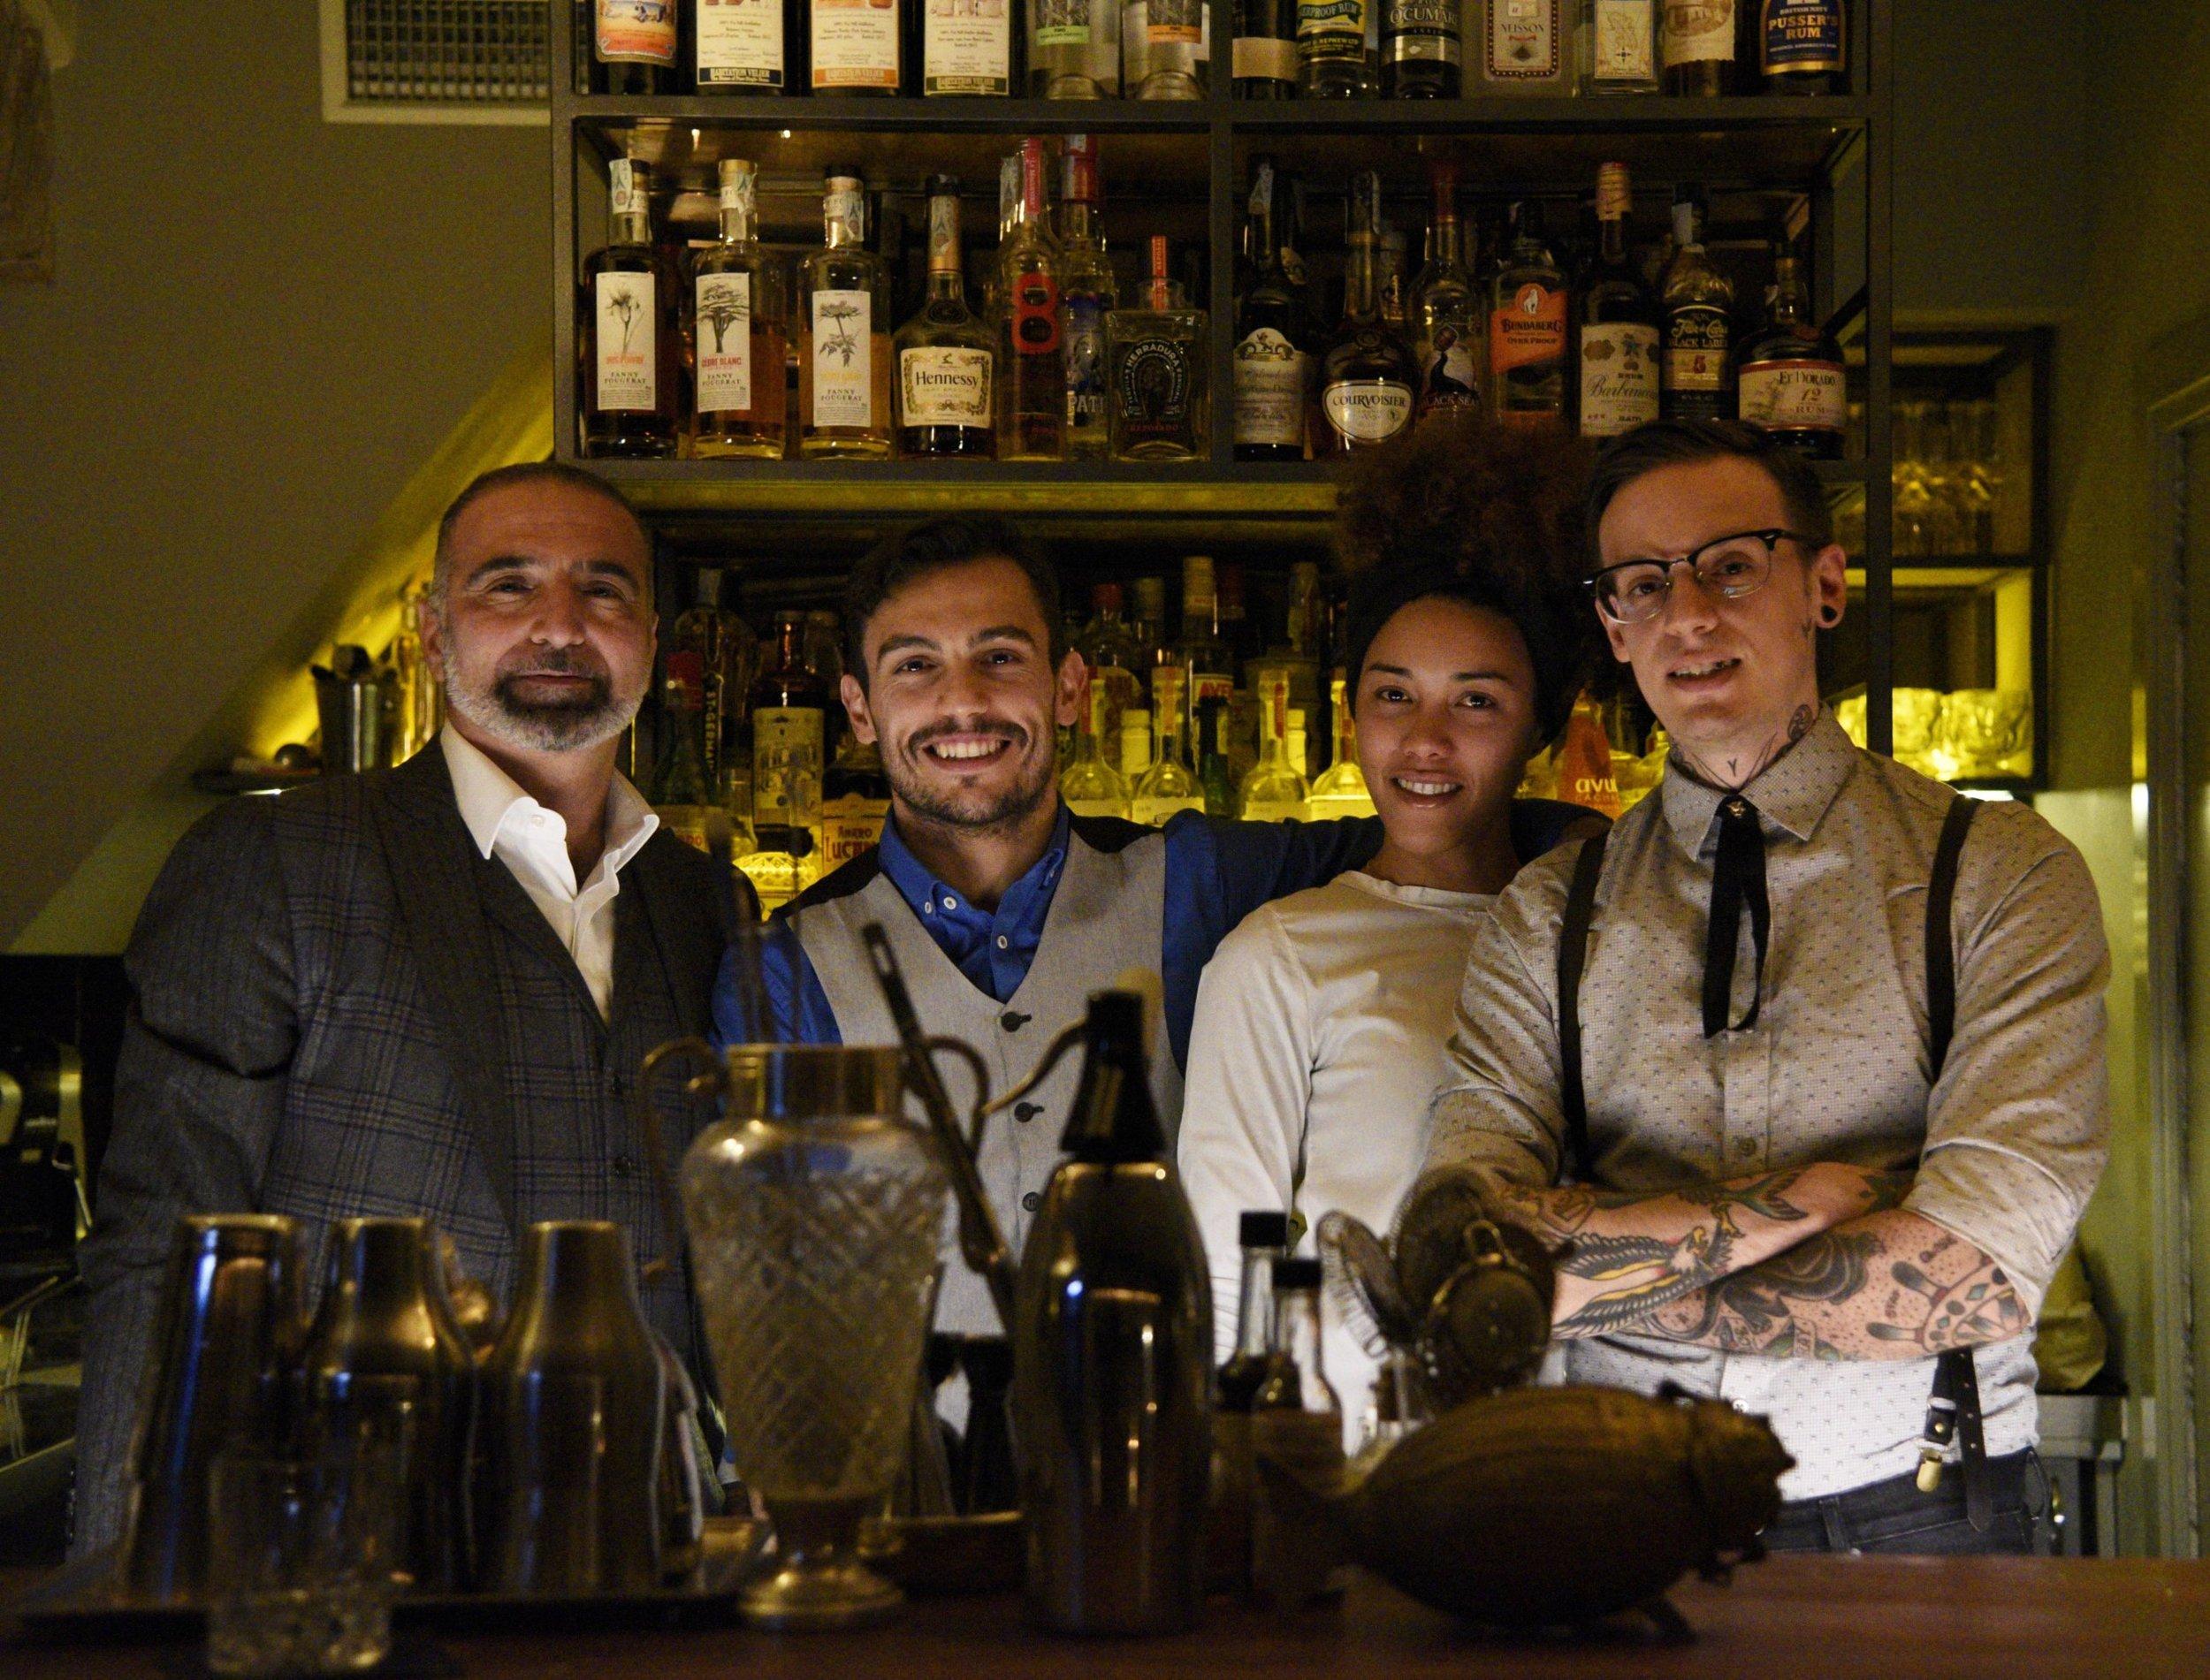 The team: Gianfranco, Carlo, Ayren, Milo